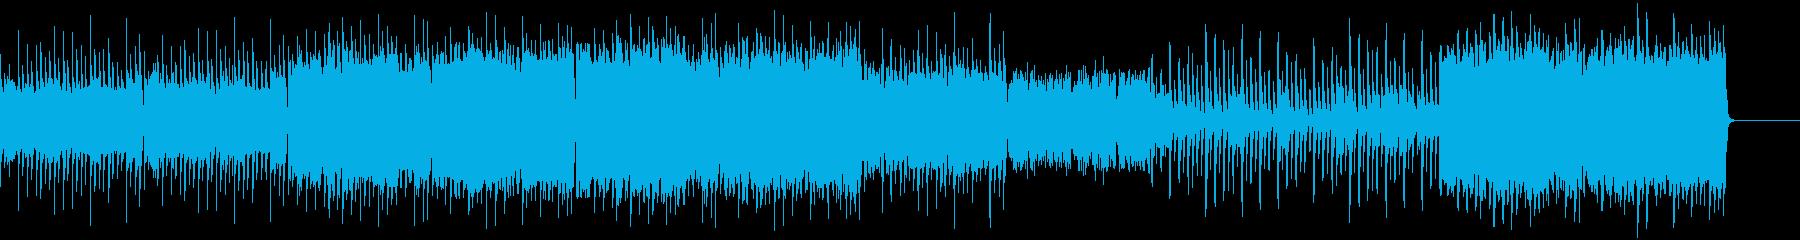 透明感のある音に元気づけられますよ!の再生済みの波形